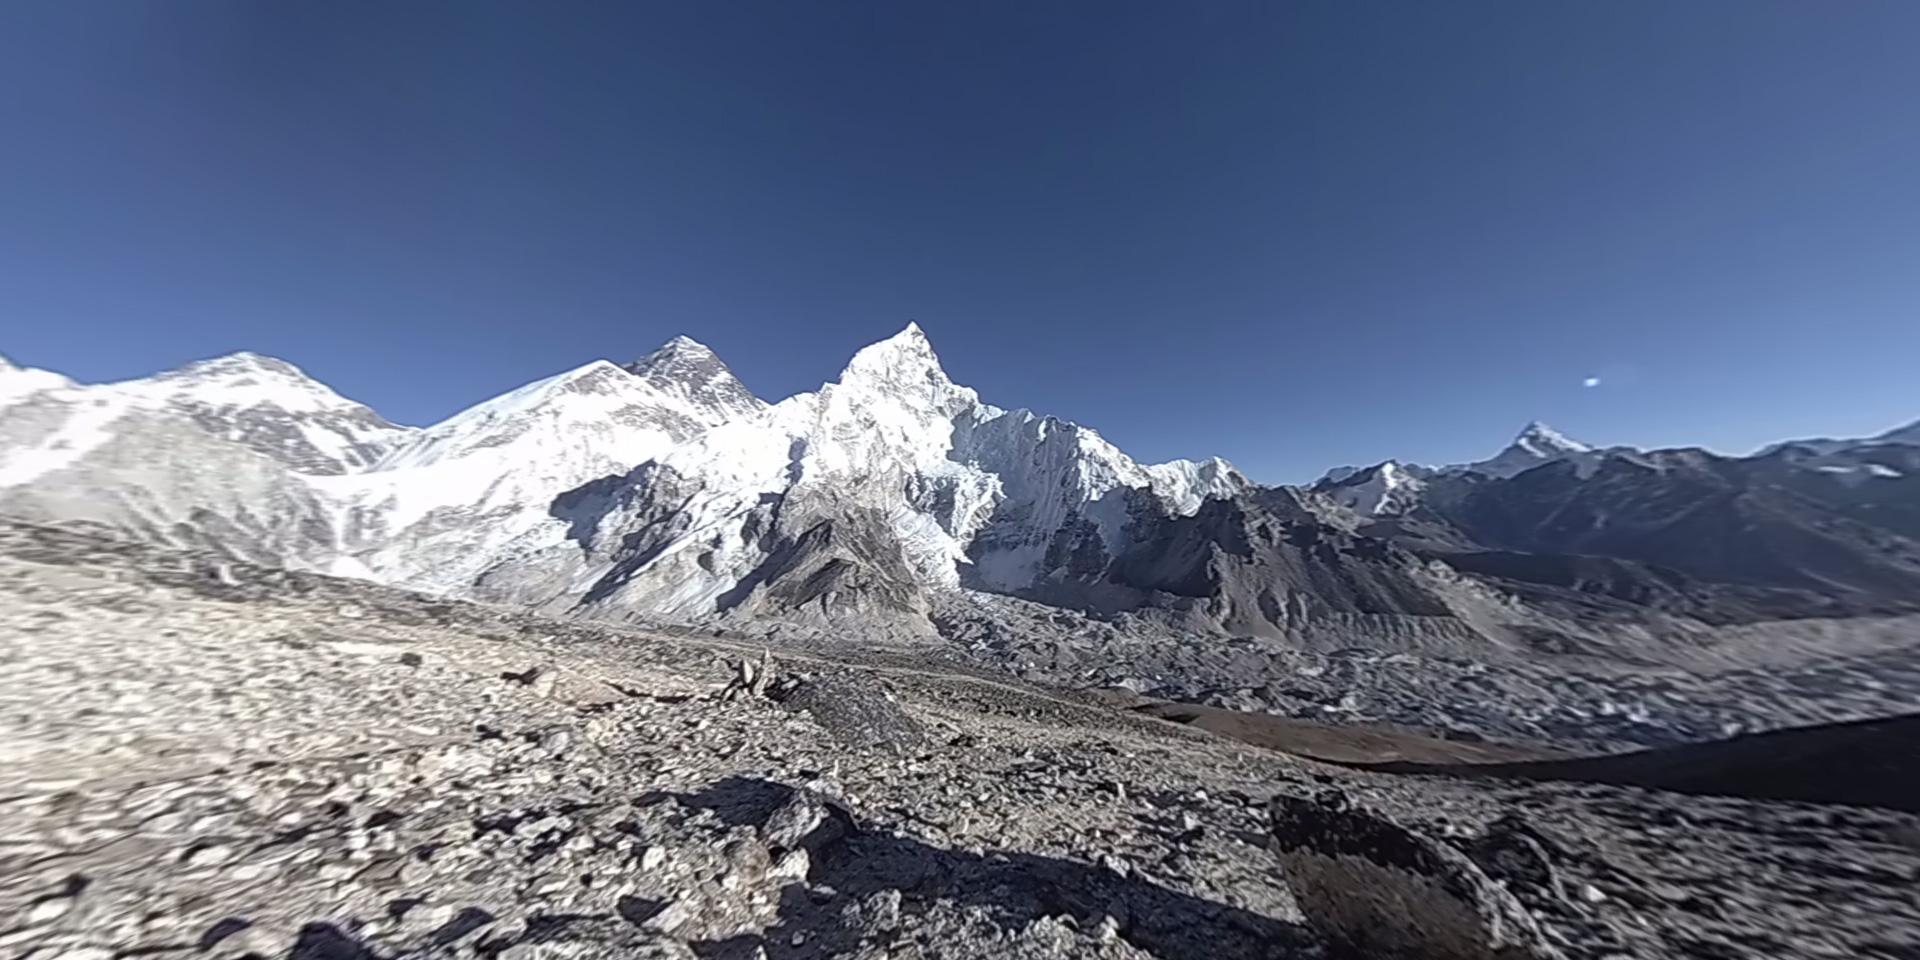 Релакс time-lapse видео заката над Эверестом (Непал). Футажи такого плана широко используются в различных VR приложениях.